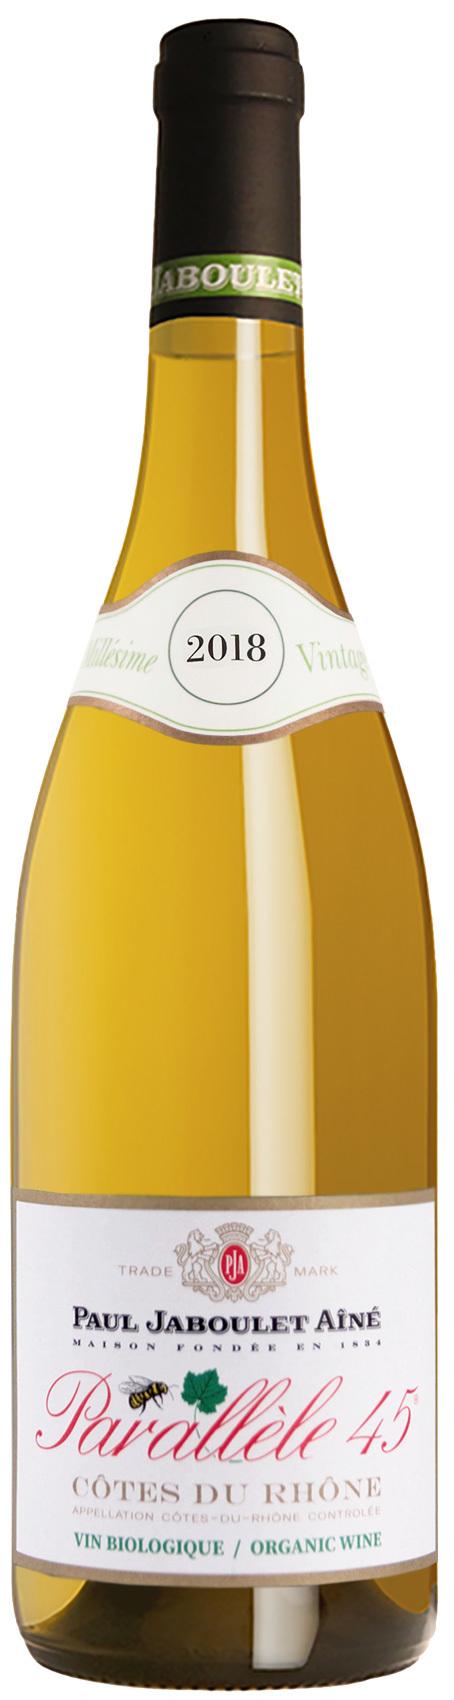 2018 Parallèle 45 Blanc Côtes du Rhone AOC, Paul Jaboulet Aîné